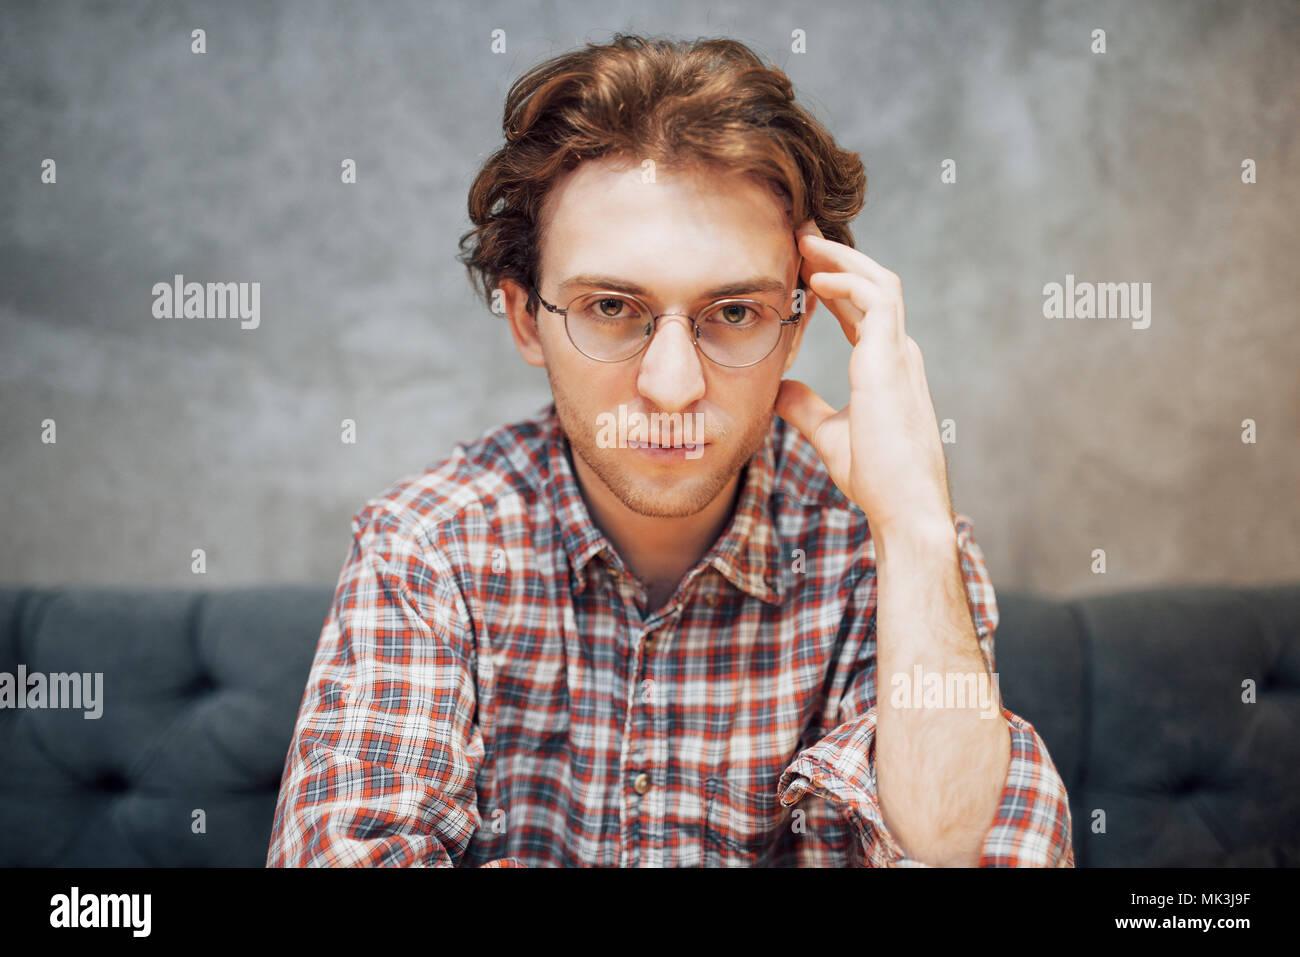 Portrait von schön und entspannt Mann in einem Café sitzen und denken, arbeiten Remote, mit Blick auf die Kamera Stockbild